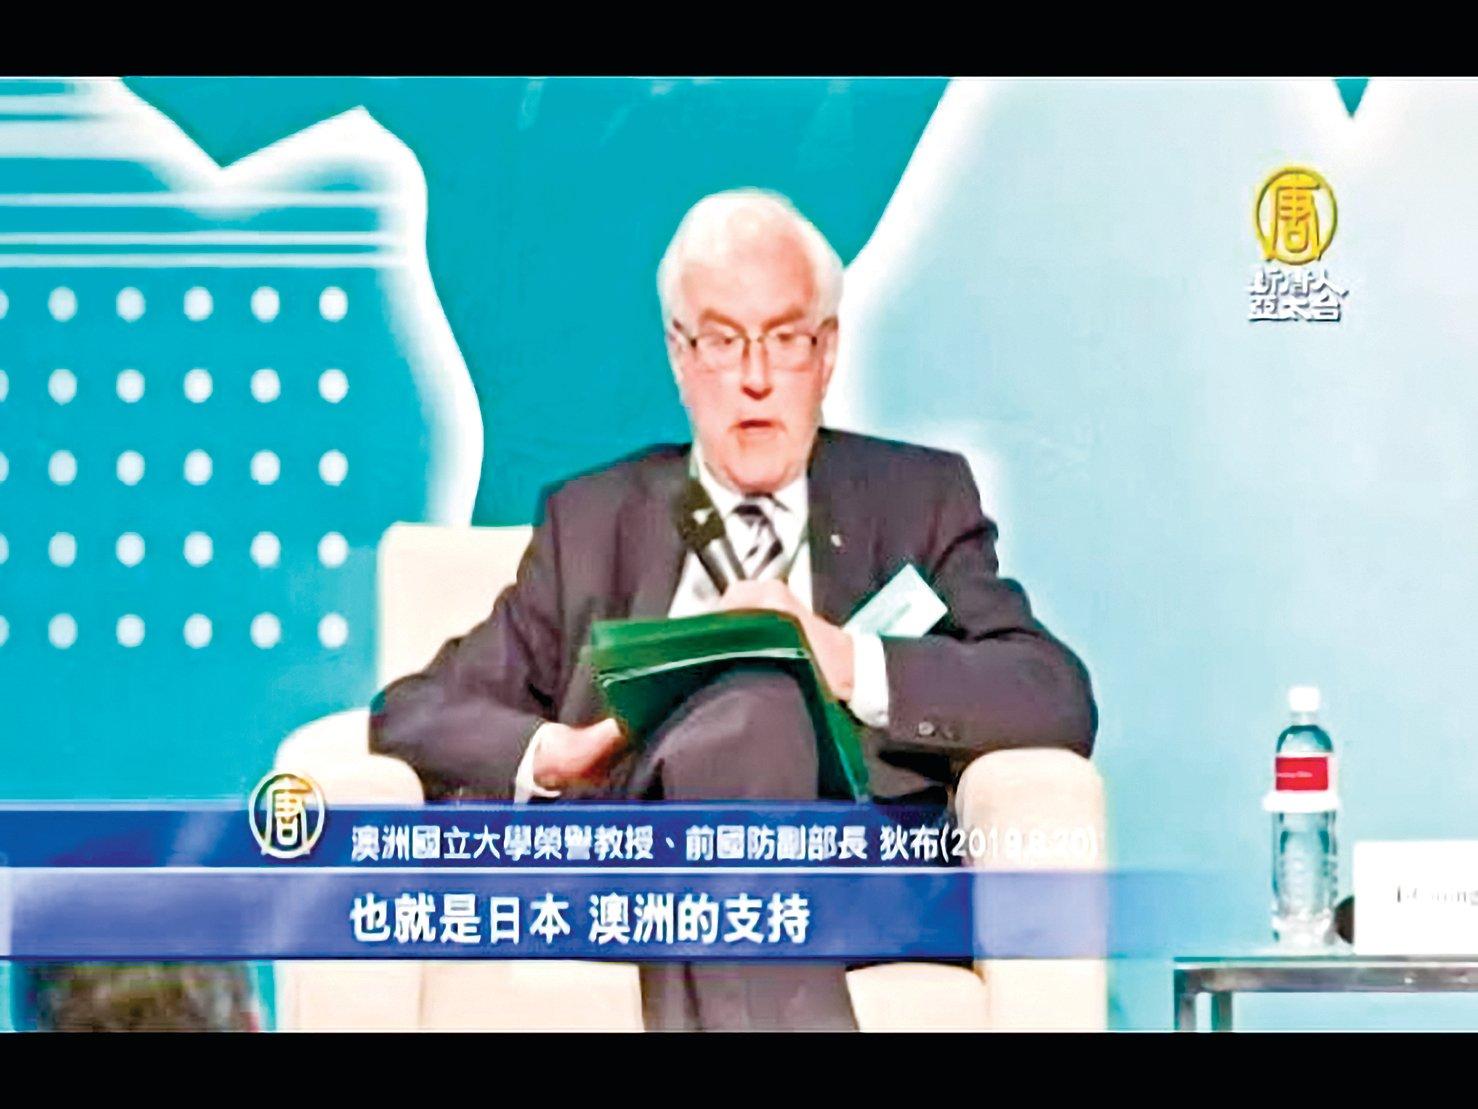 近日,澳洲前國防部副部長狄布撰文說:「美國必須態度鮮明:盟國遭襲就反擊」。他曾在2019年訪問台灣。(影片截圖)